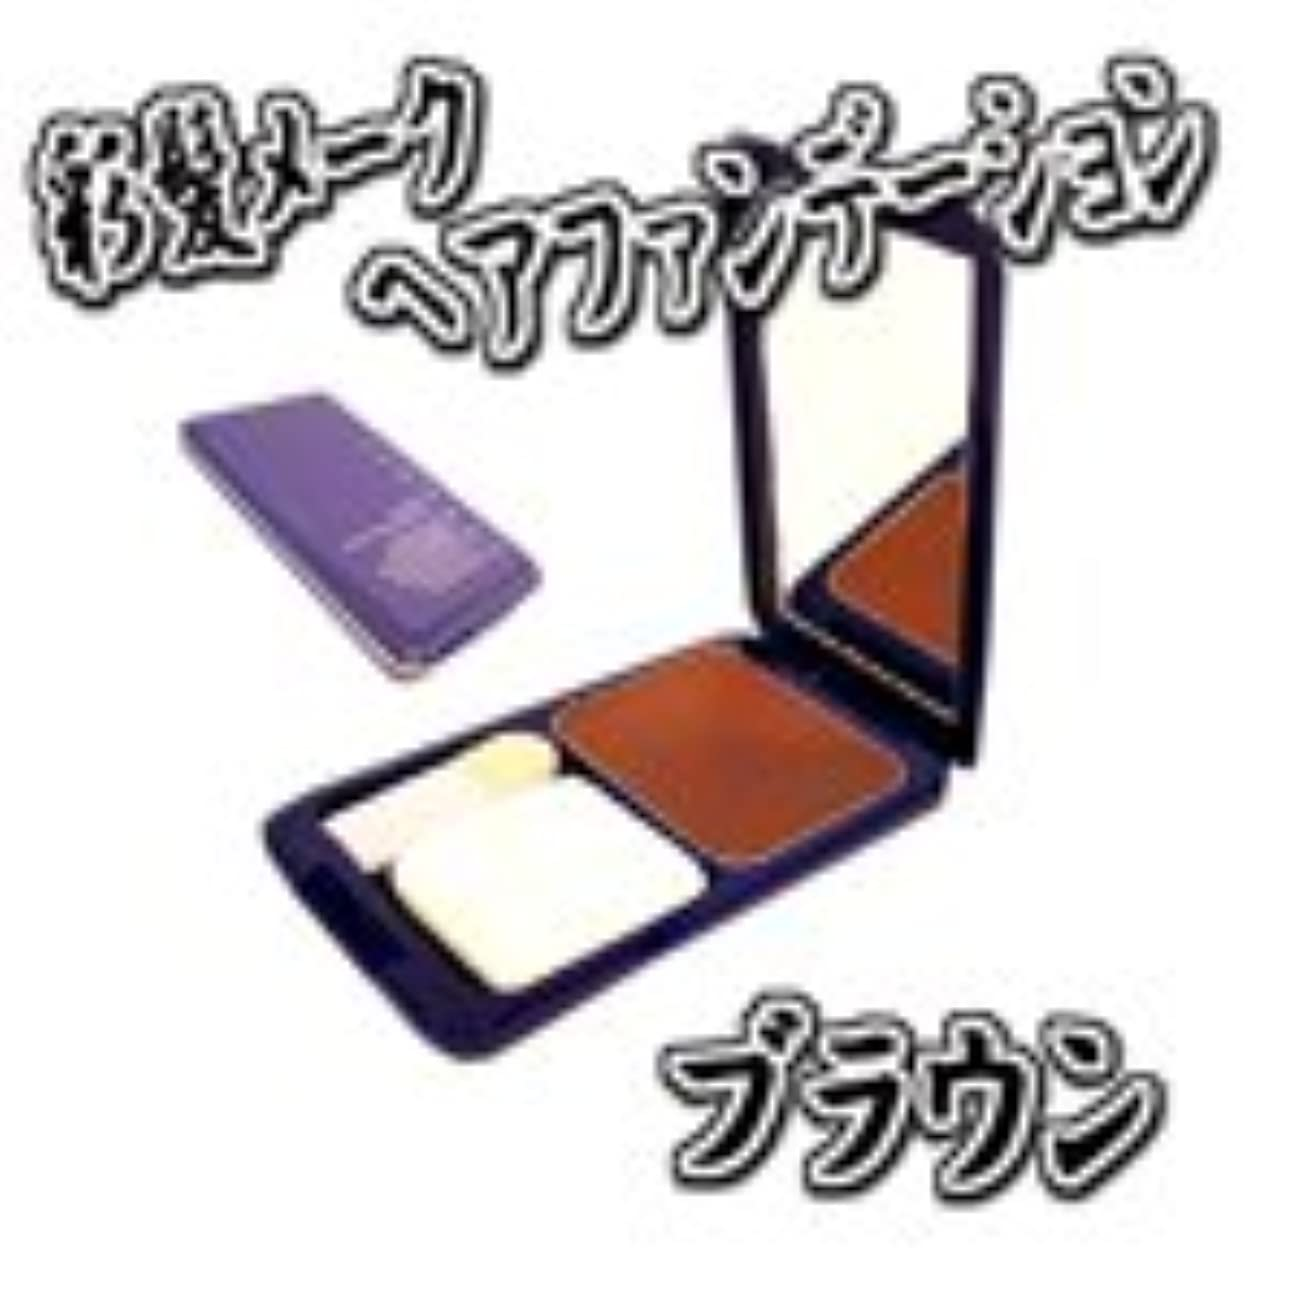 手うねるシャープジュモン 彩髪メーク ファンデーション 【ブラウン】 白髪隠し コンパクトタイプ